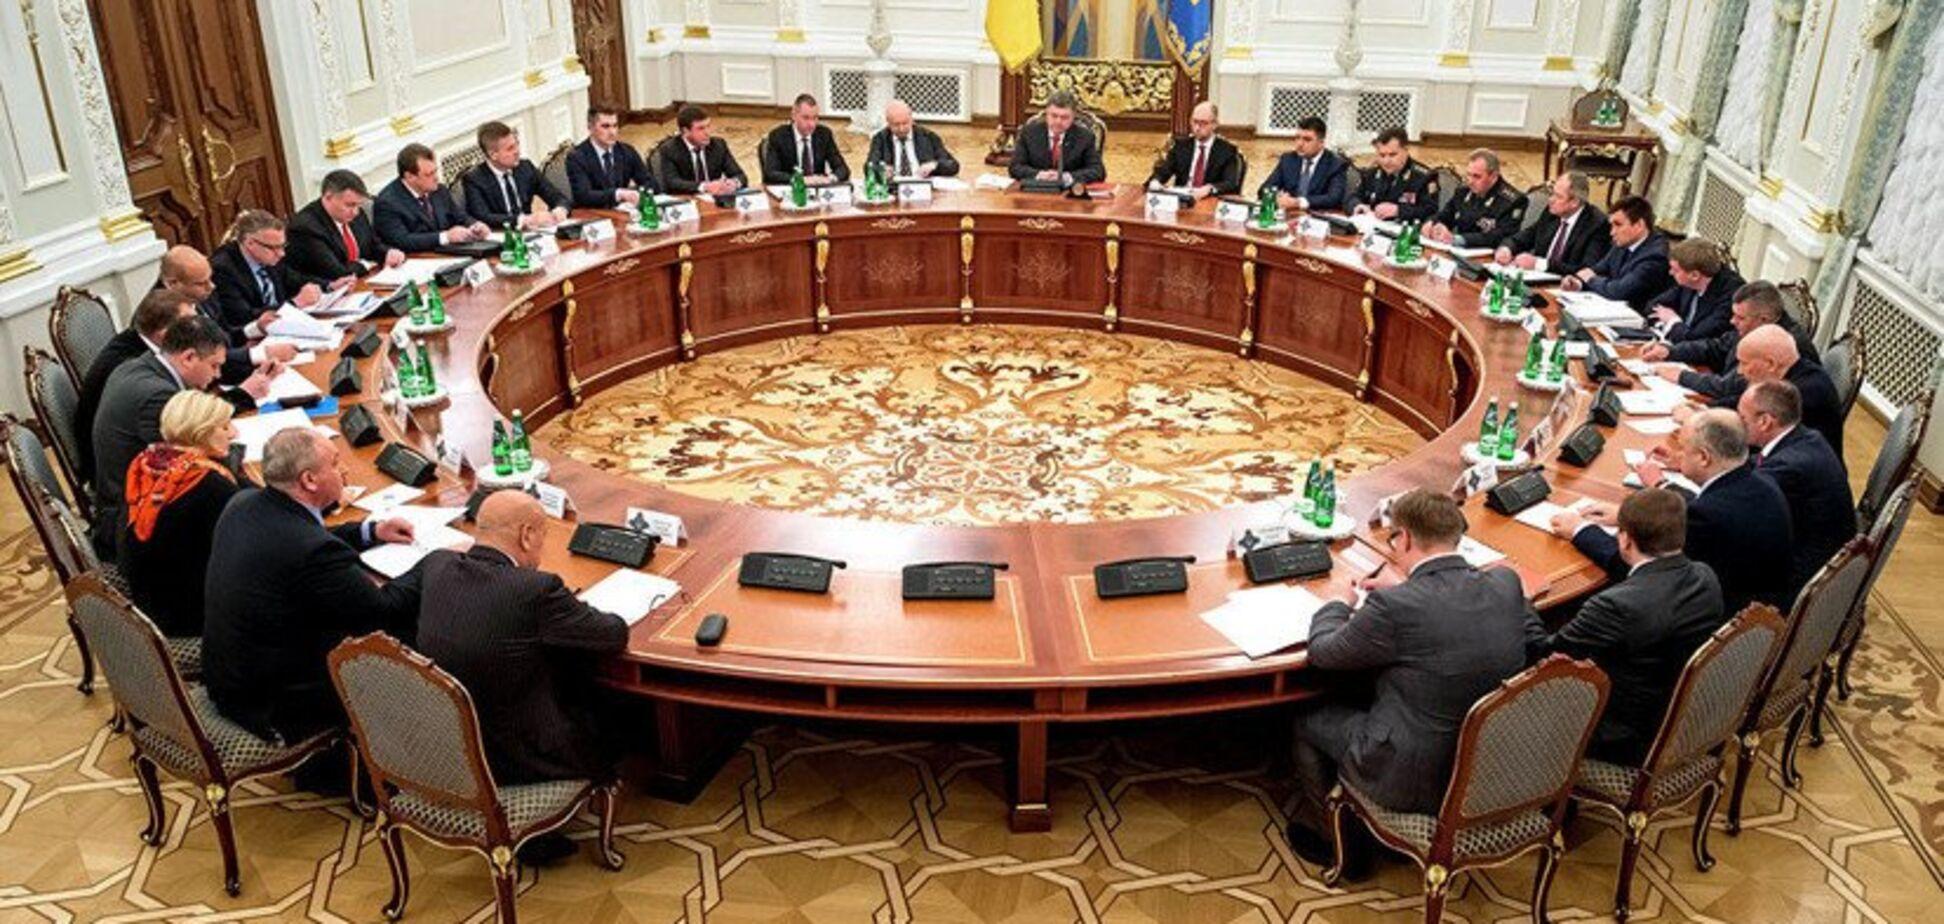 Воєнний стан в Україні: РНБО збирається на термінове засідання